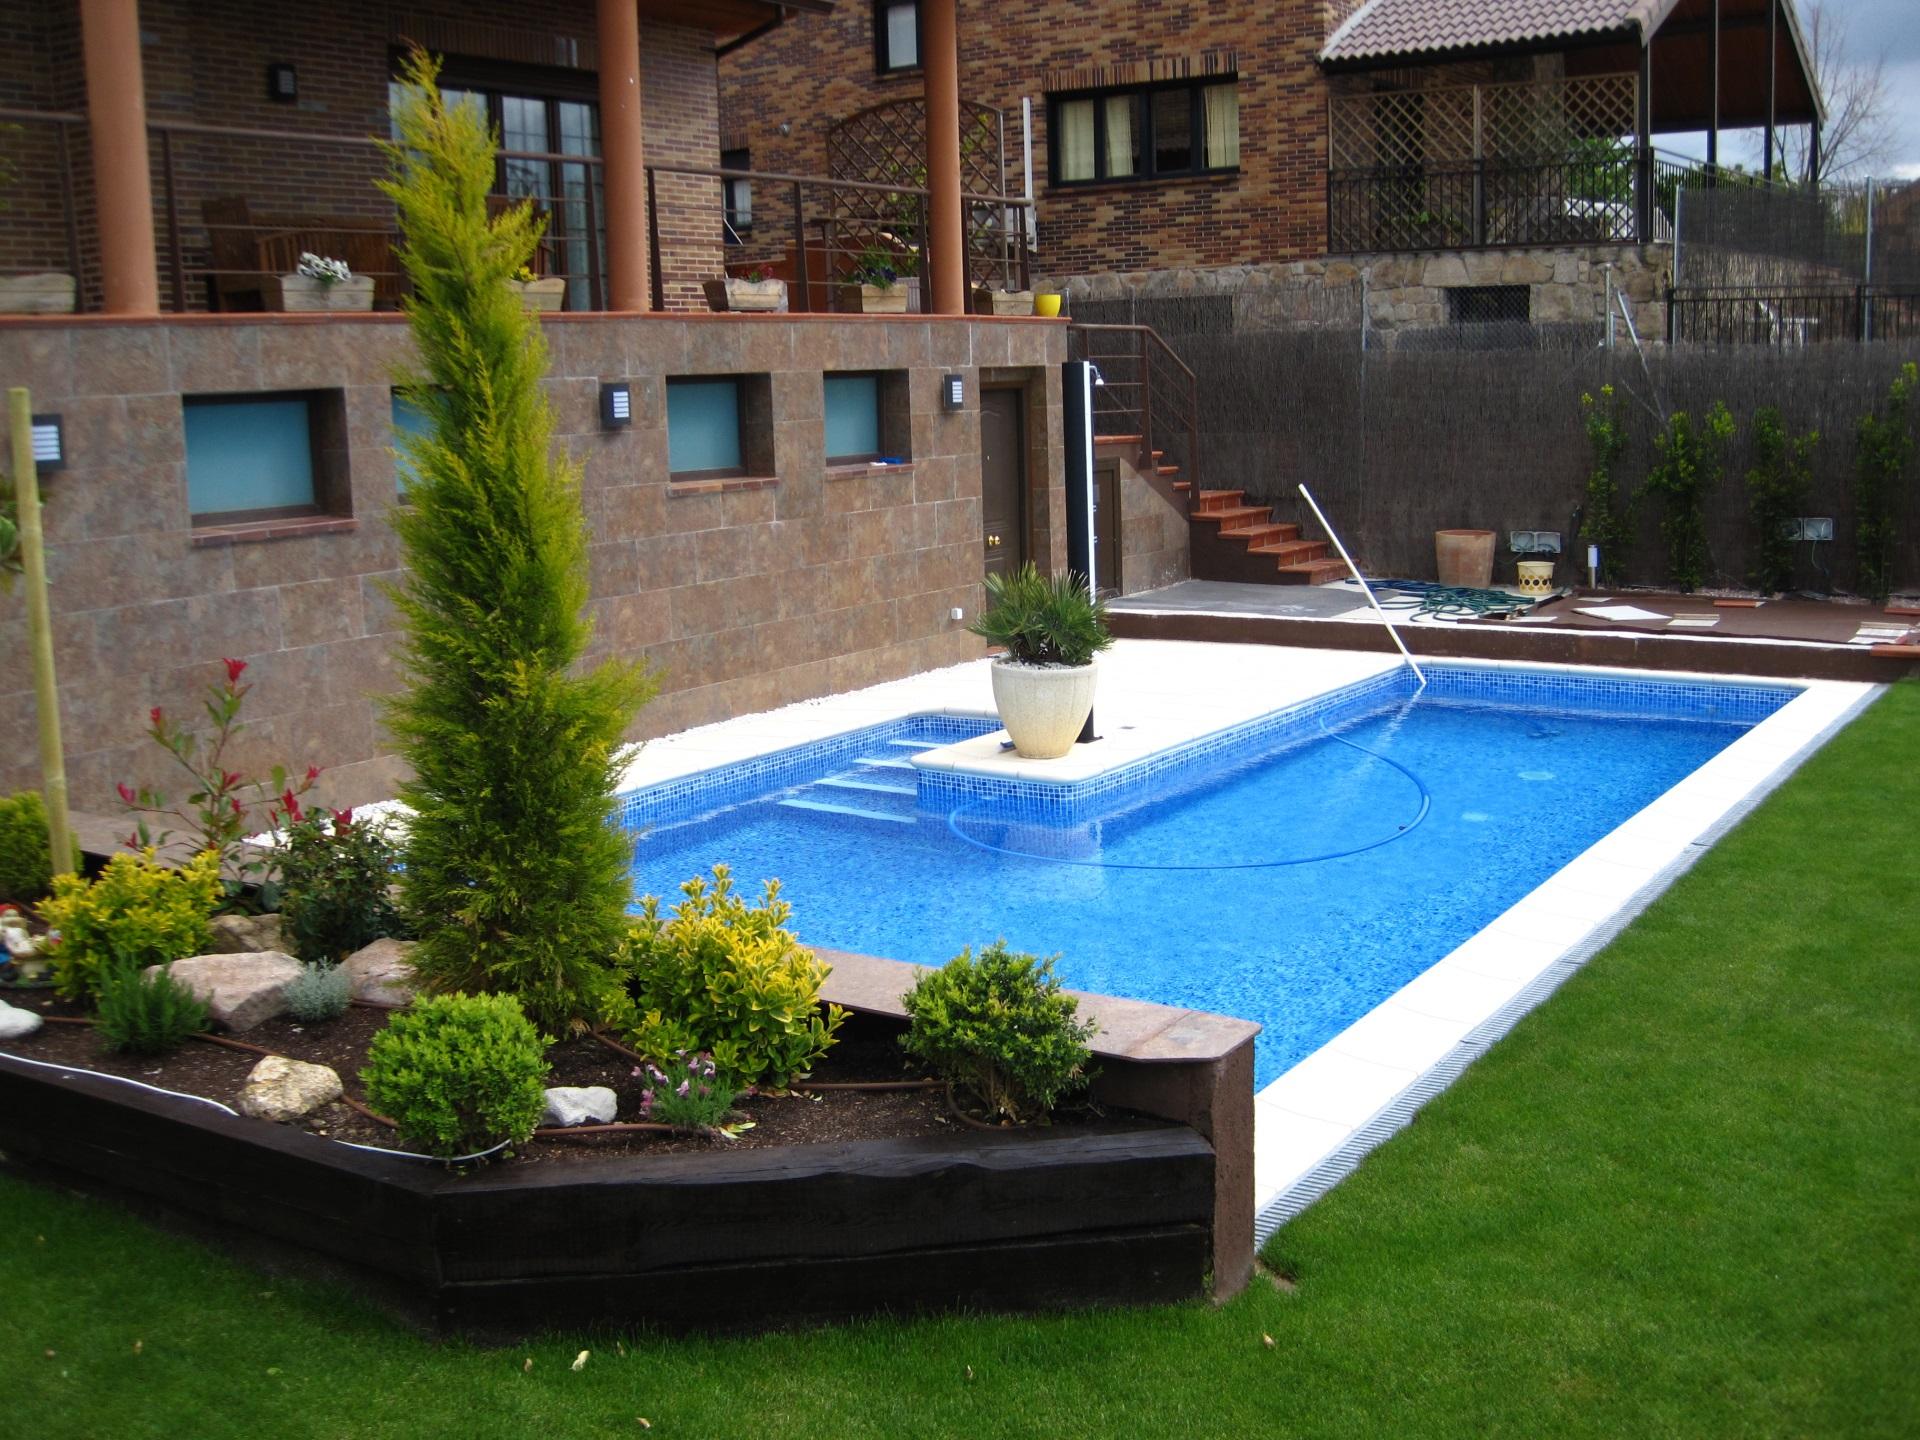 construir tu piscina